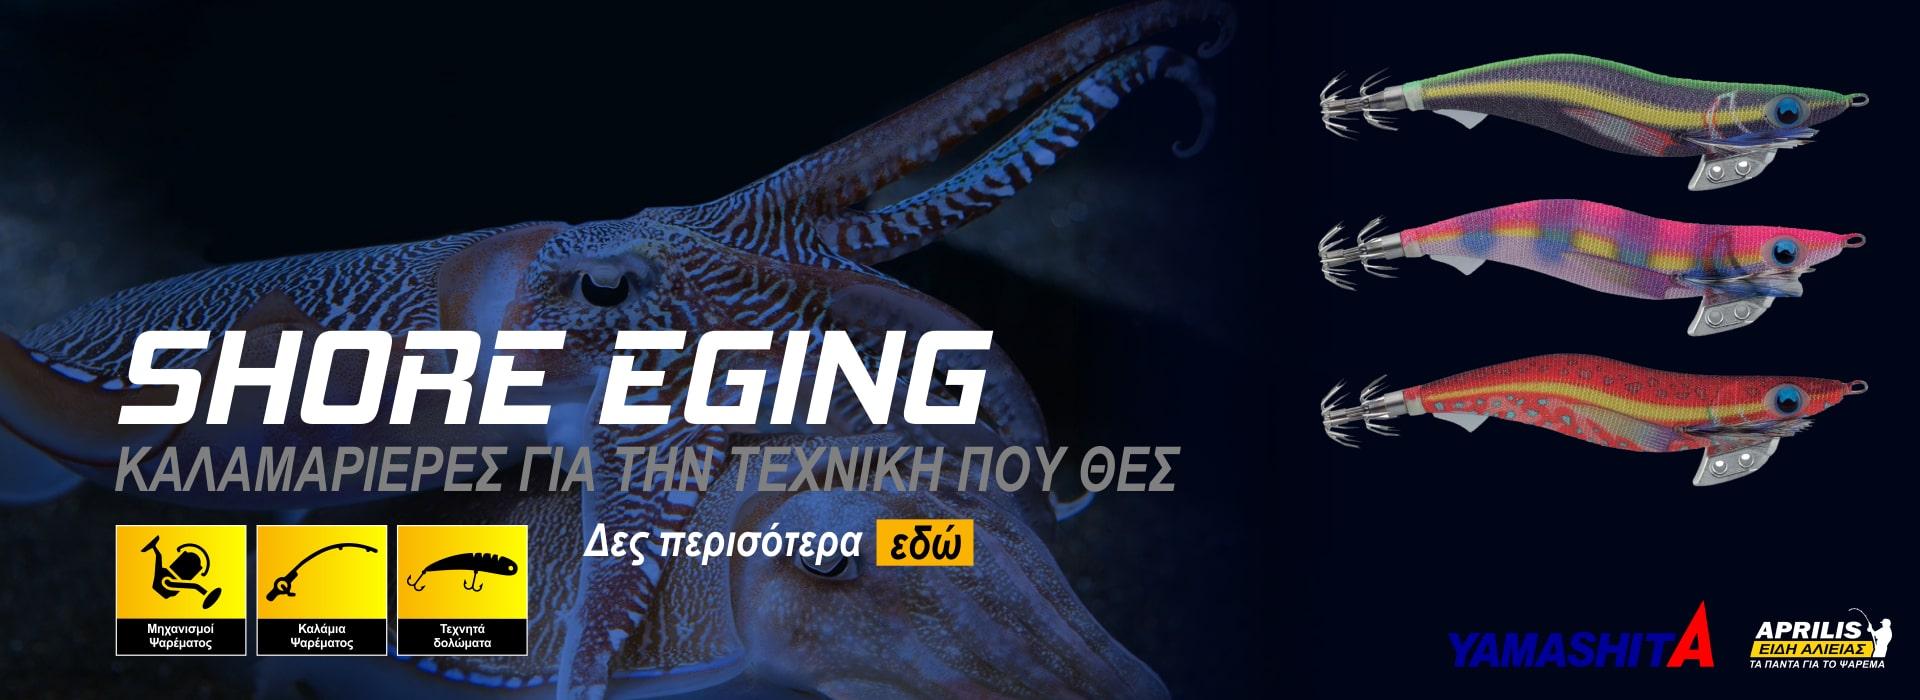 banner_Eging1920x700